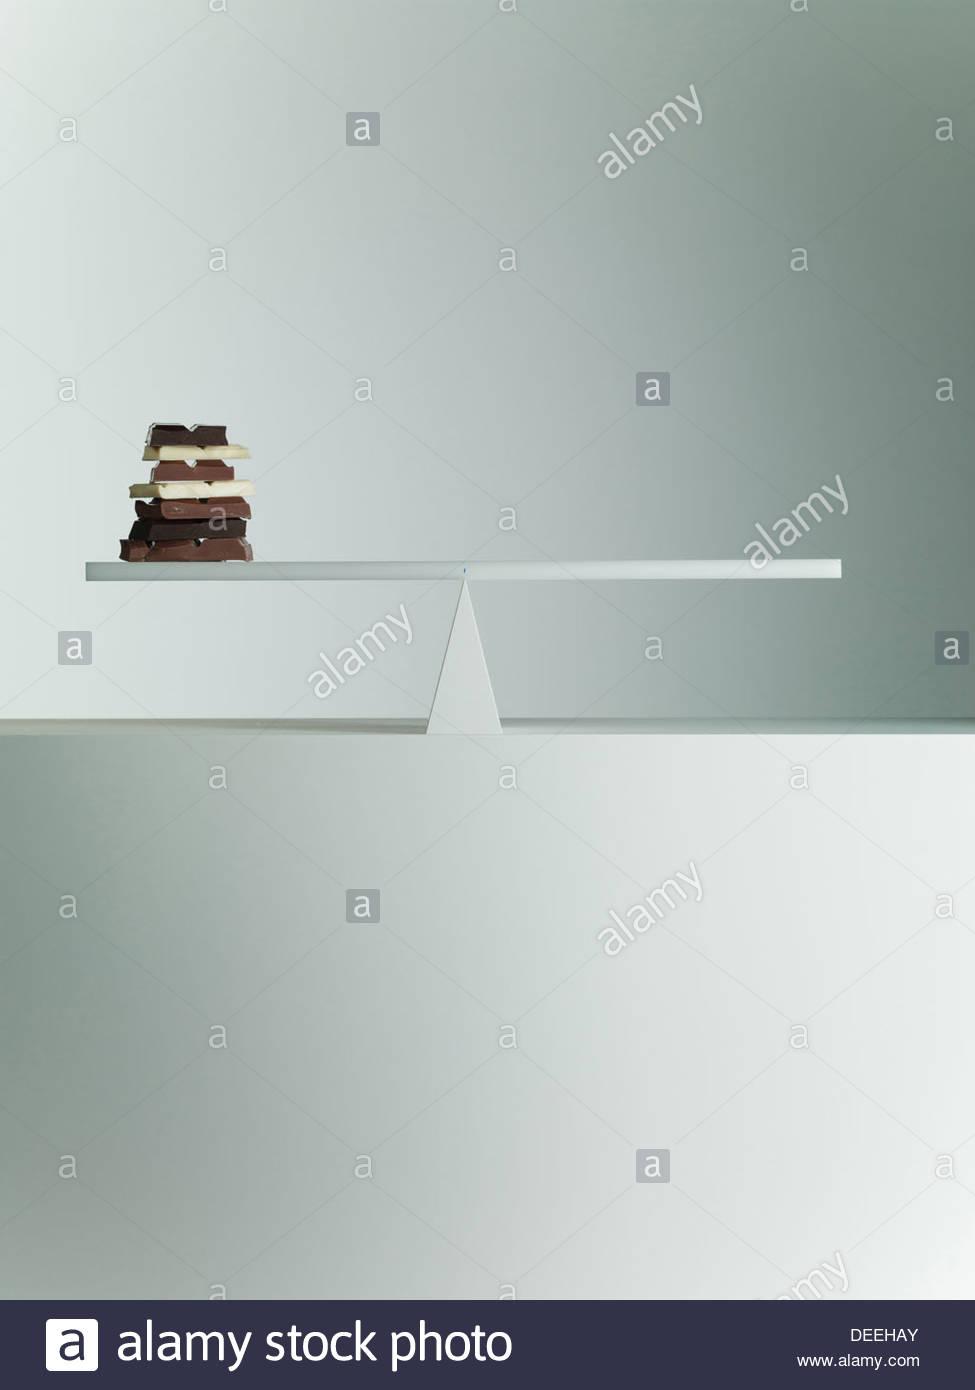 Barras de chocolate equilibrada en balancín Imagen De Stock